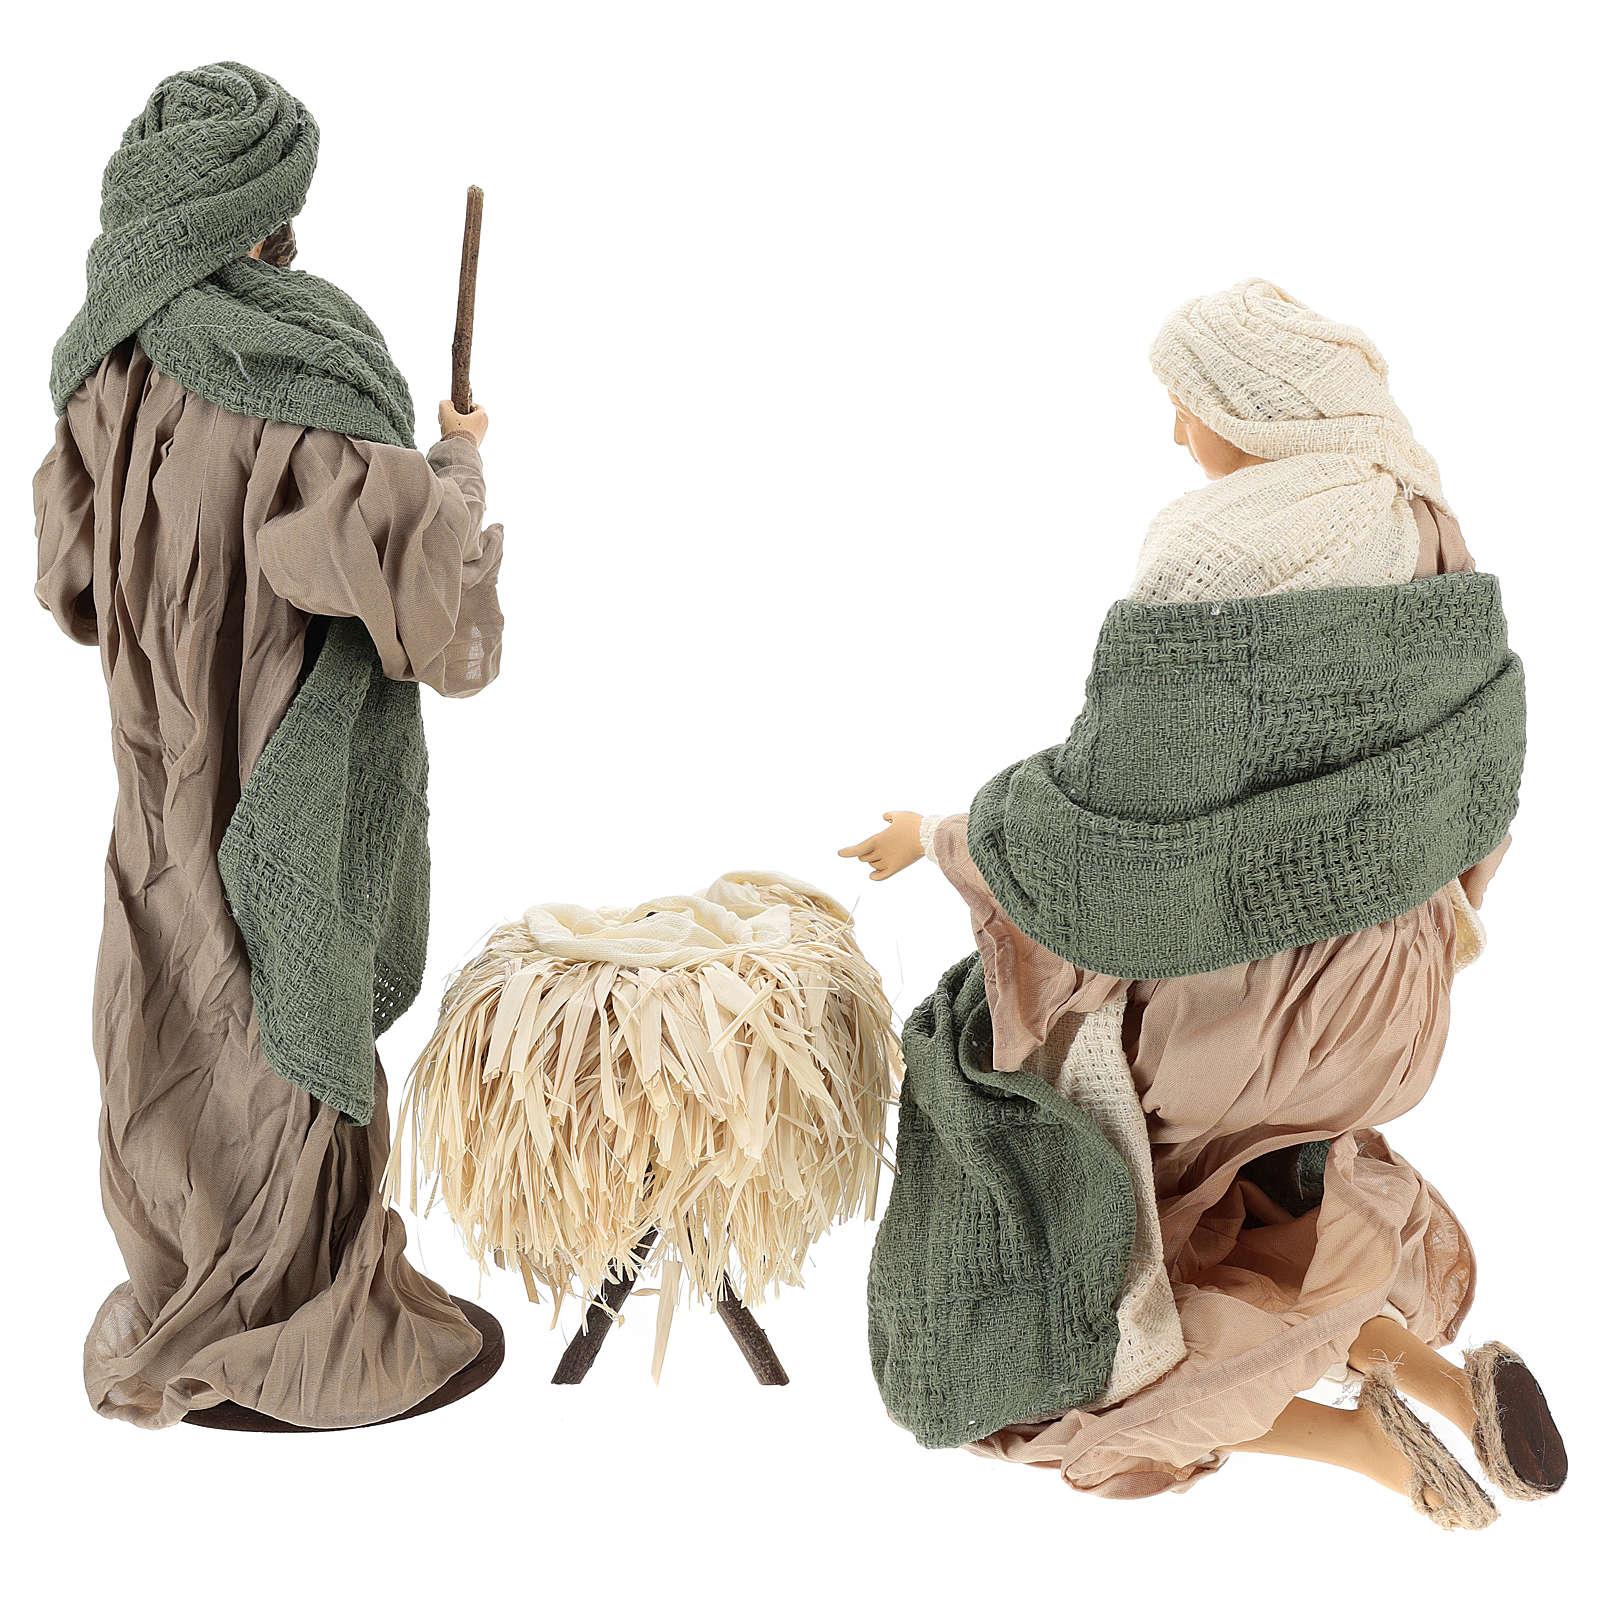 Nativité 30 cm en résine et tissu vert et beige 3